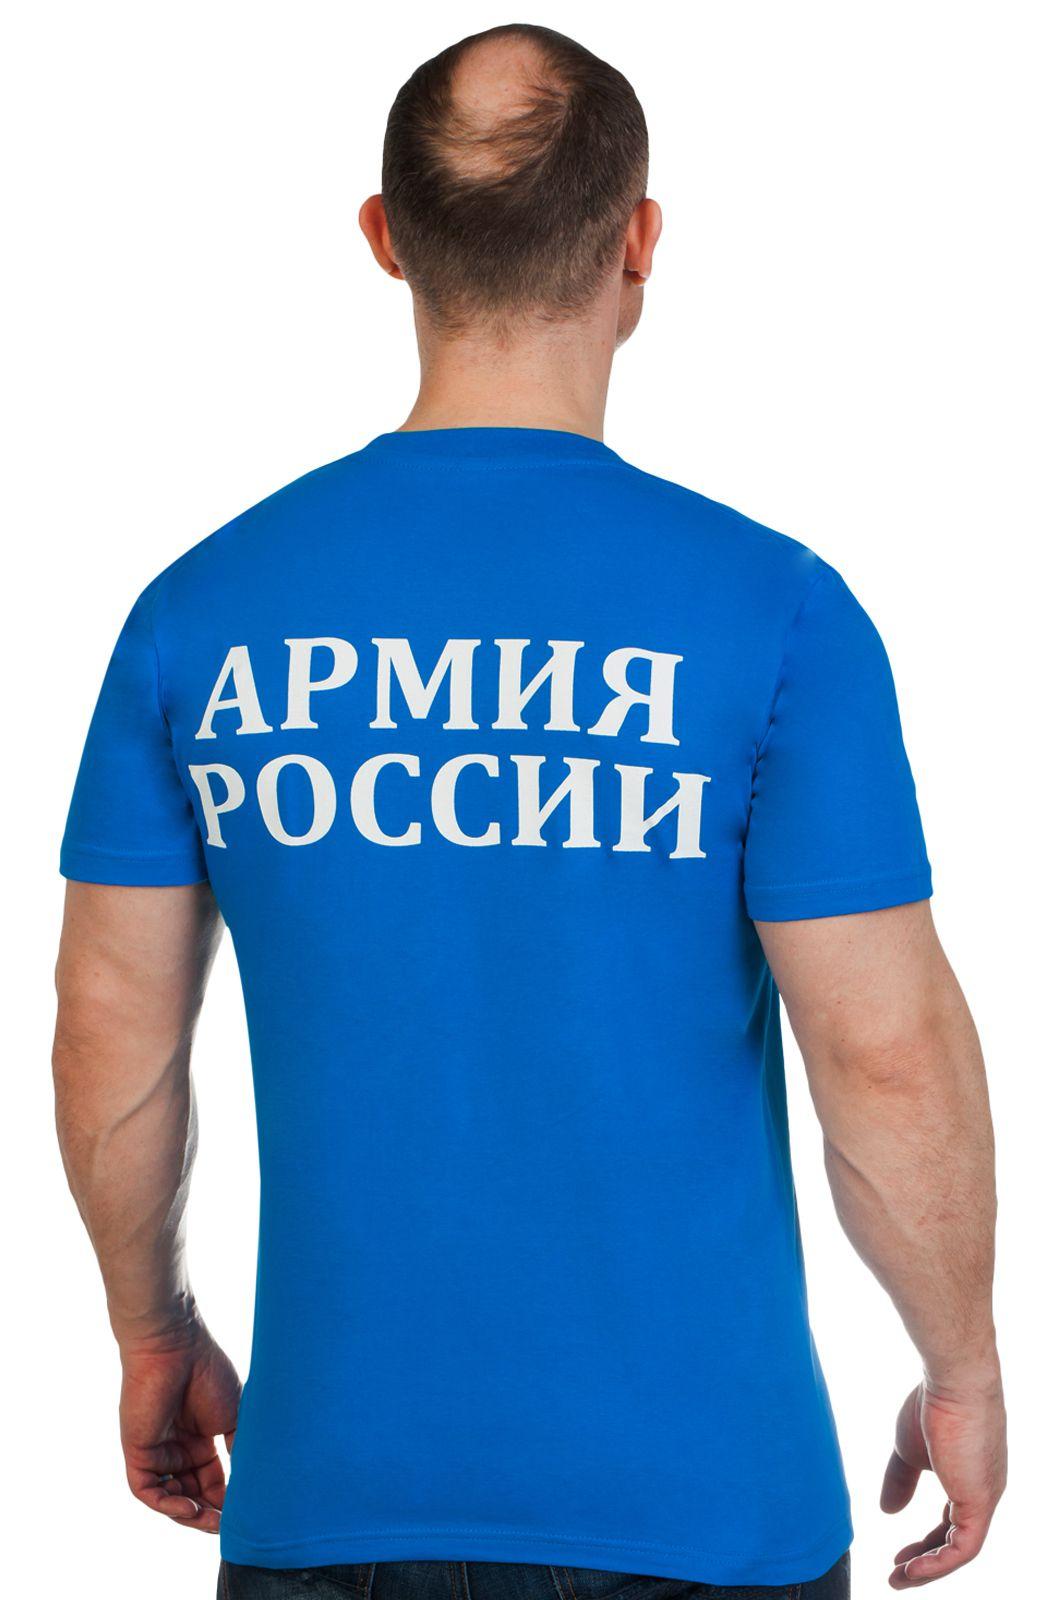 Купить футболку с надписью «Армия России»